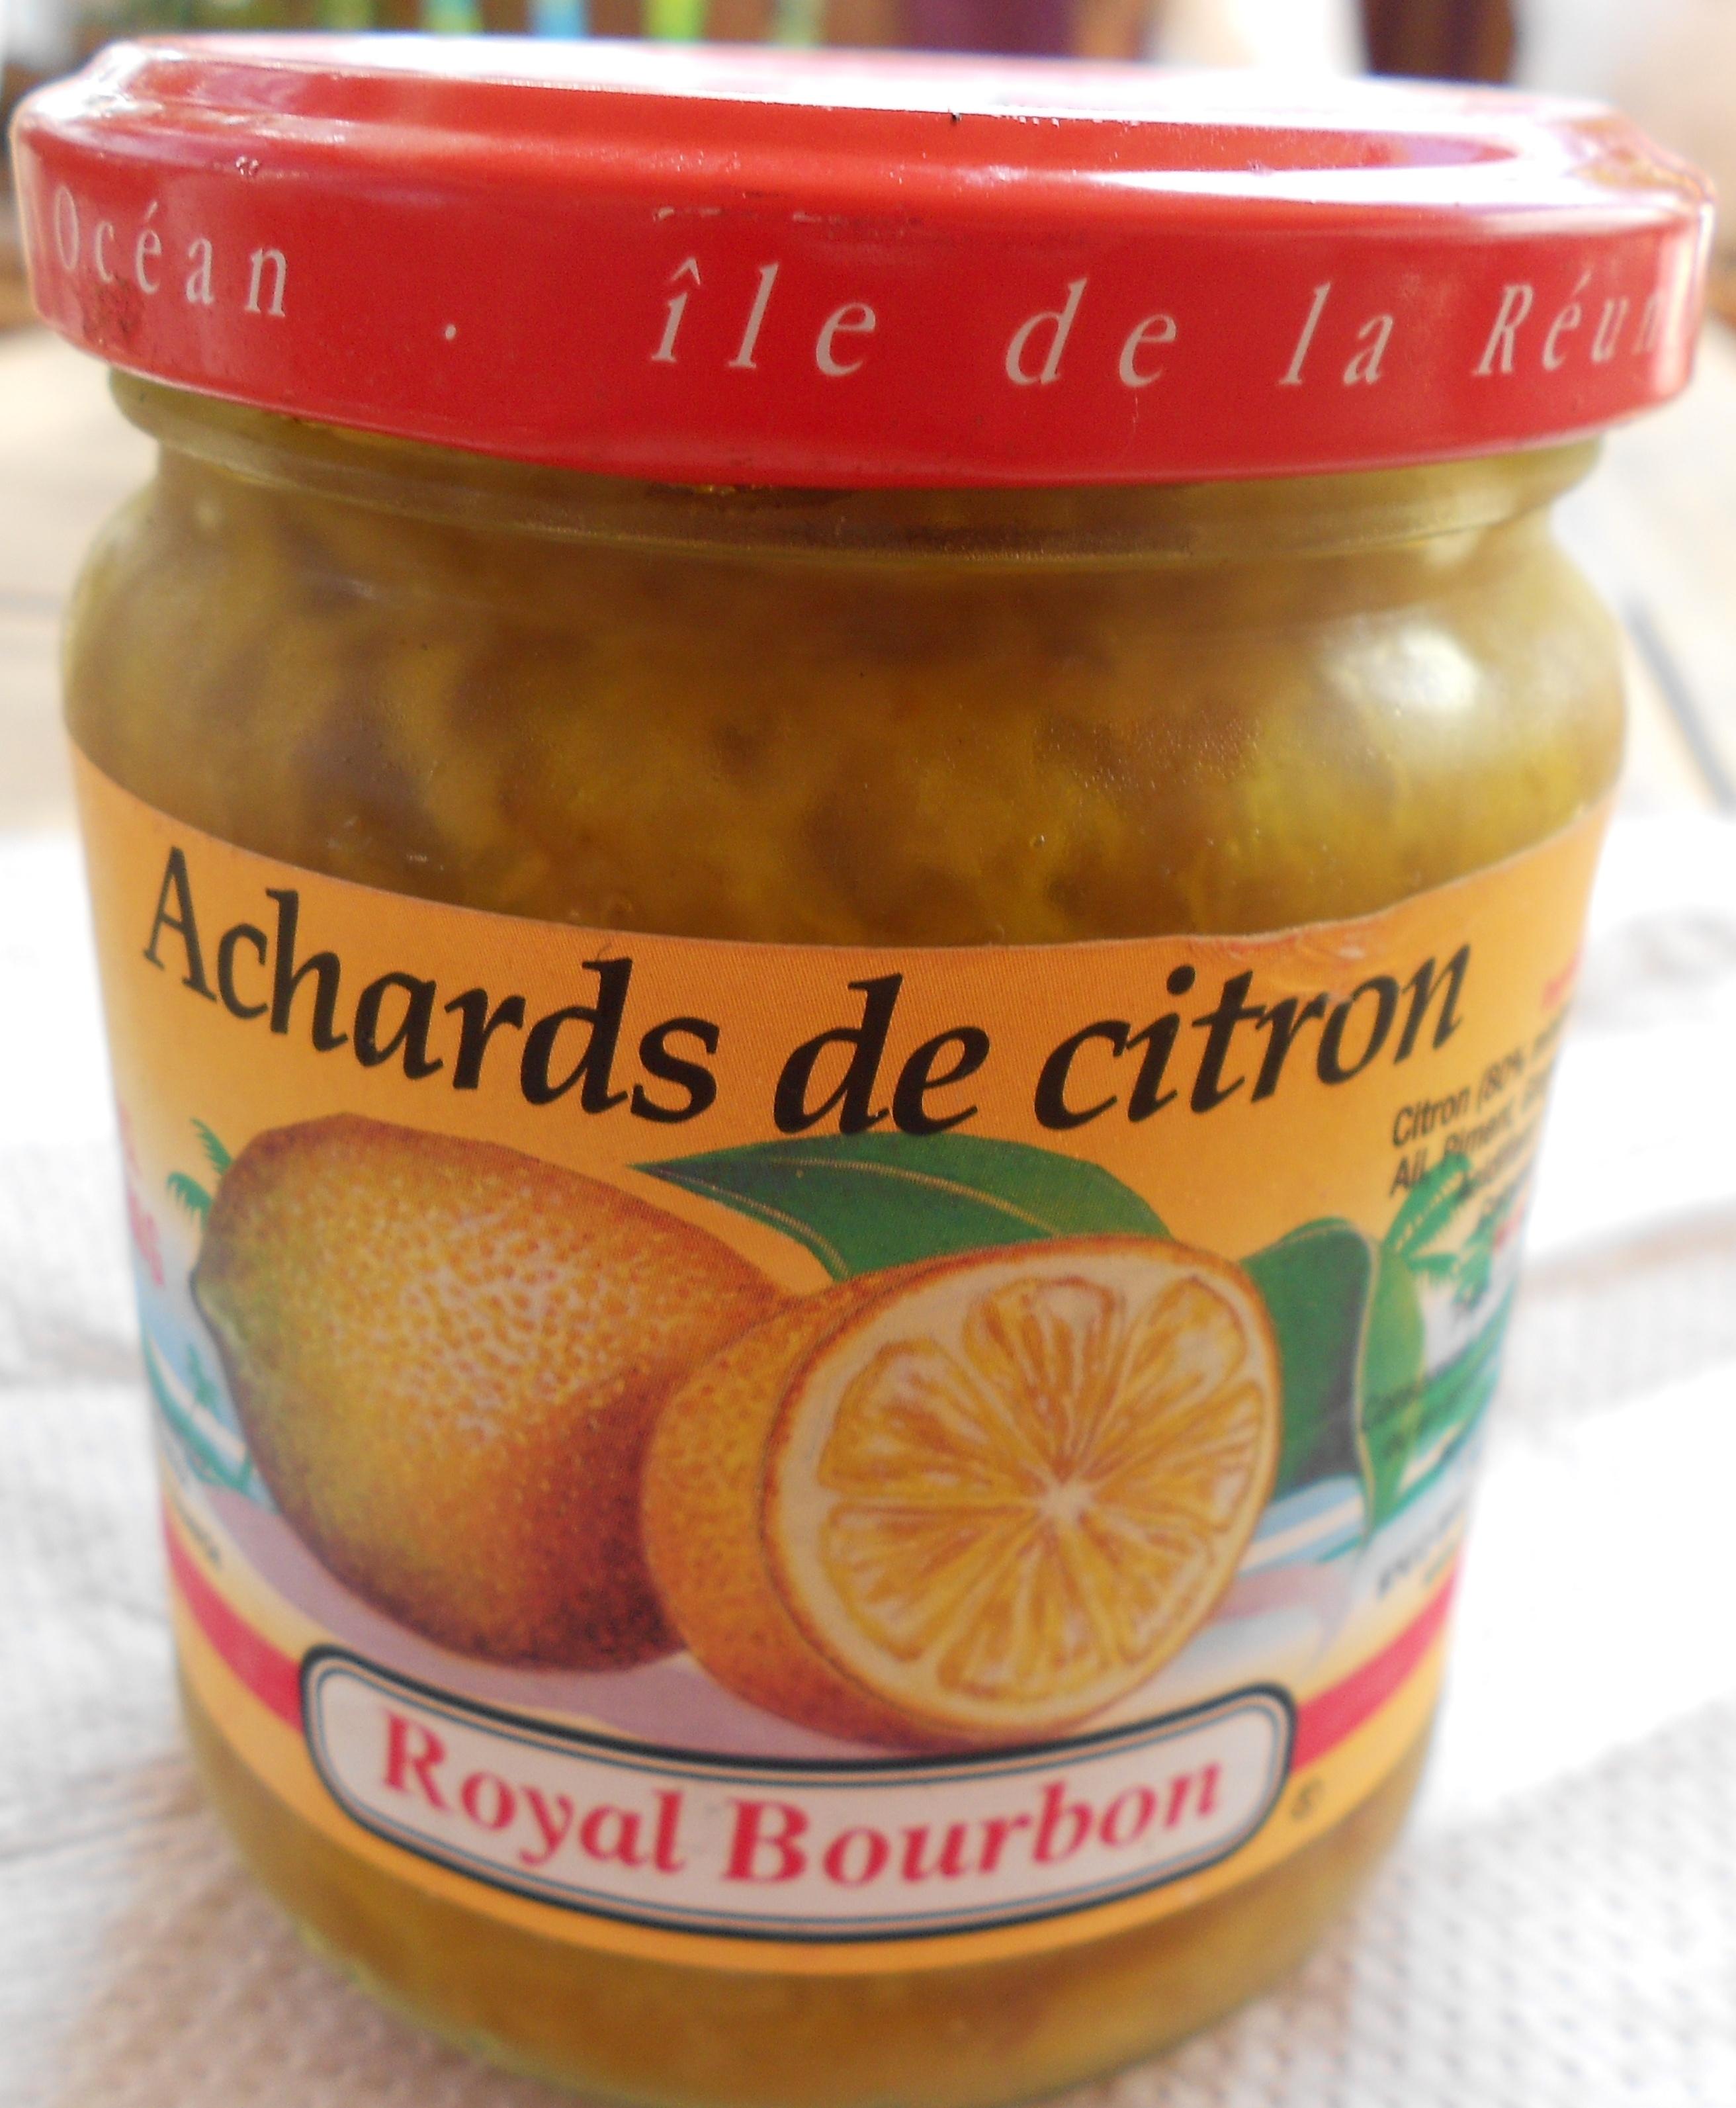 Achards de citron - Product